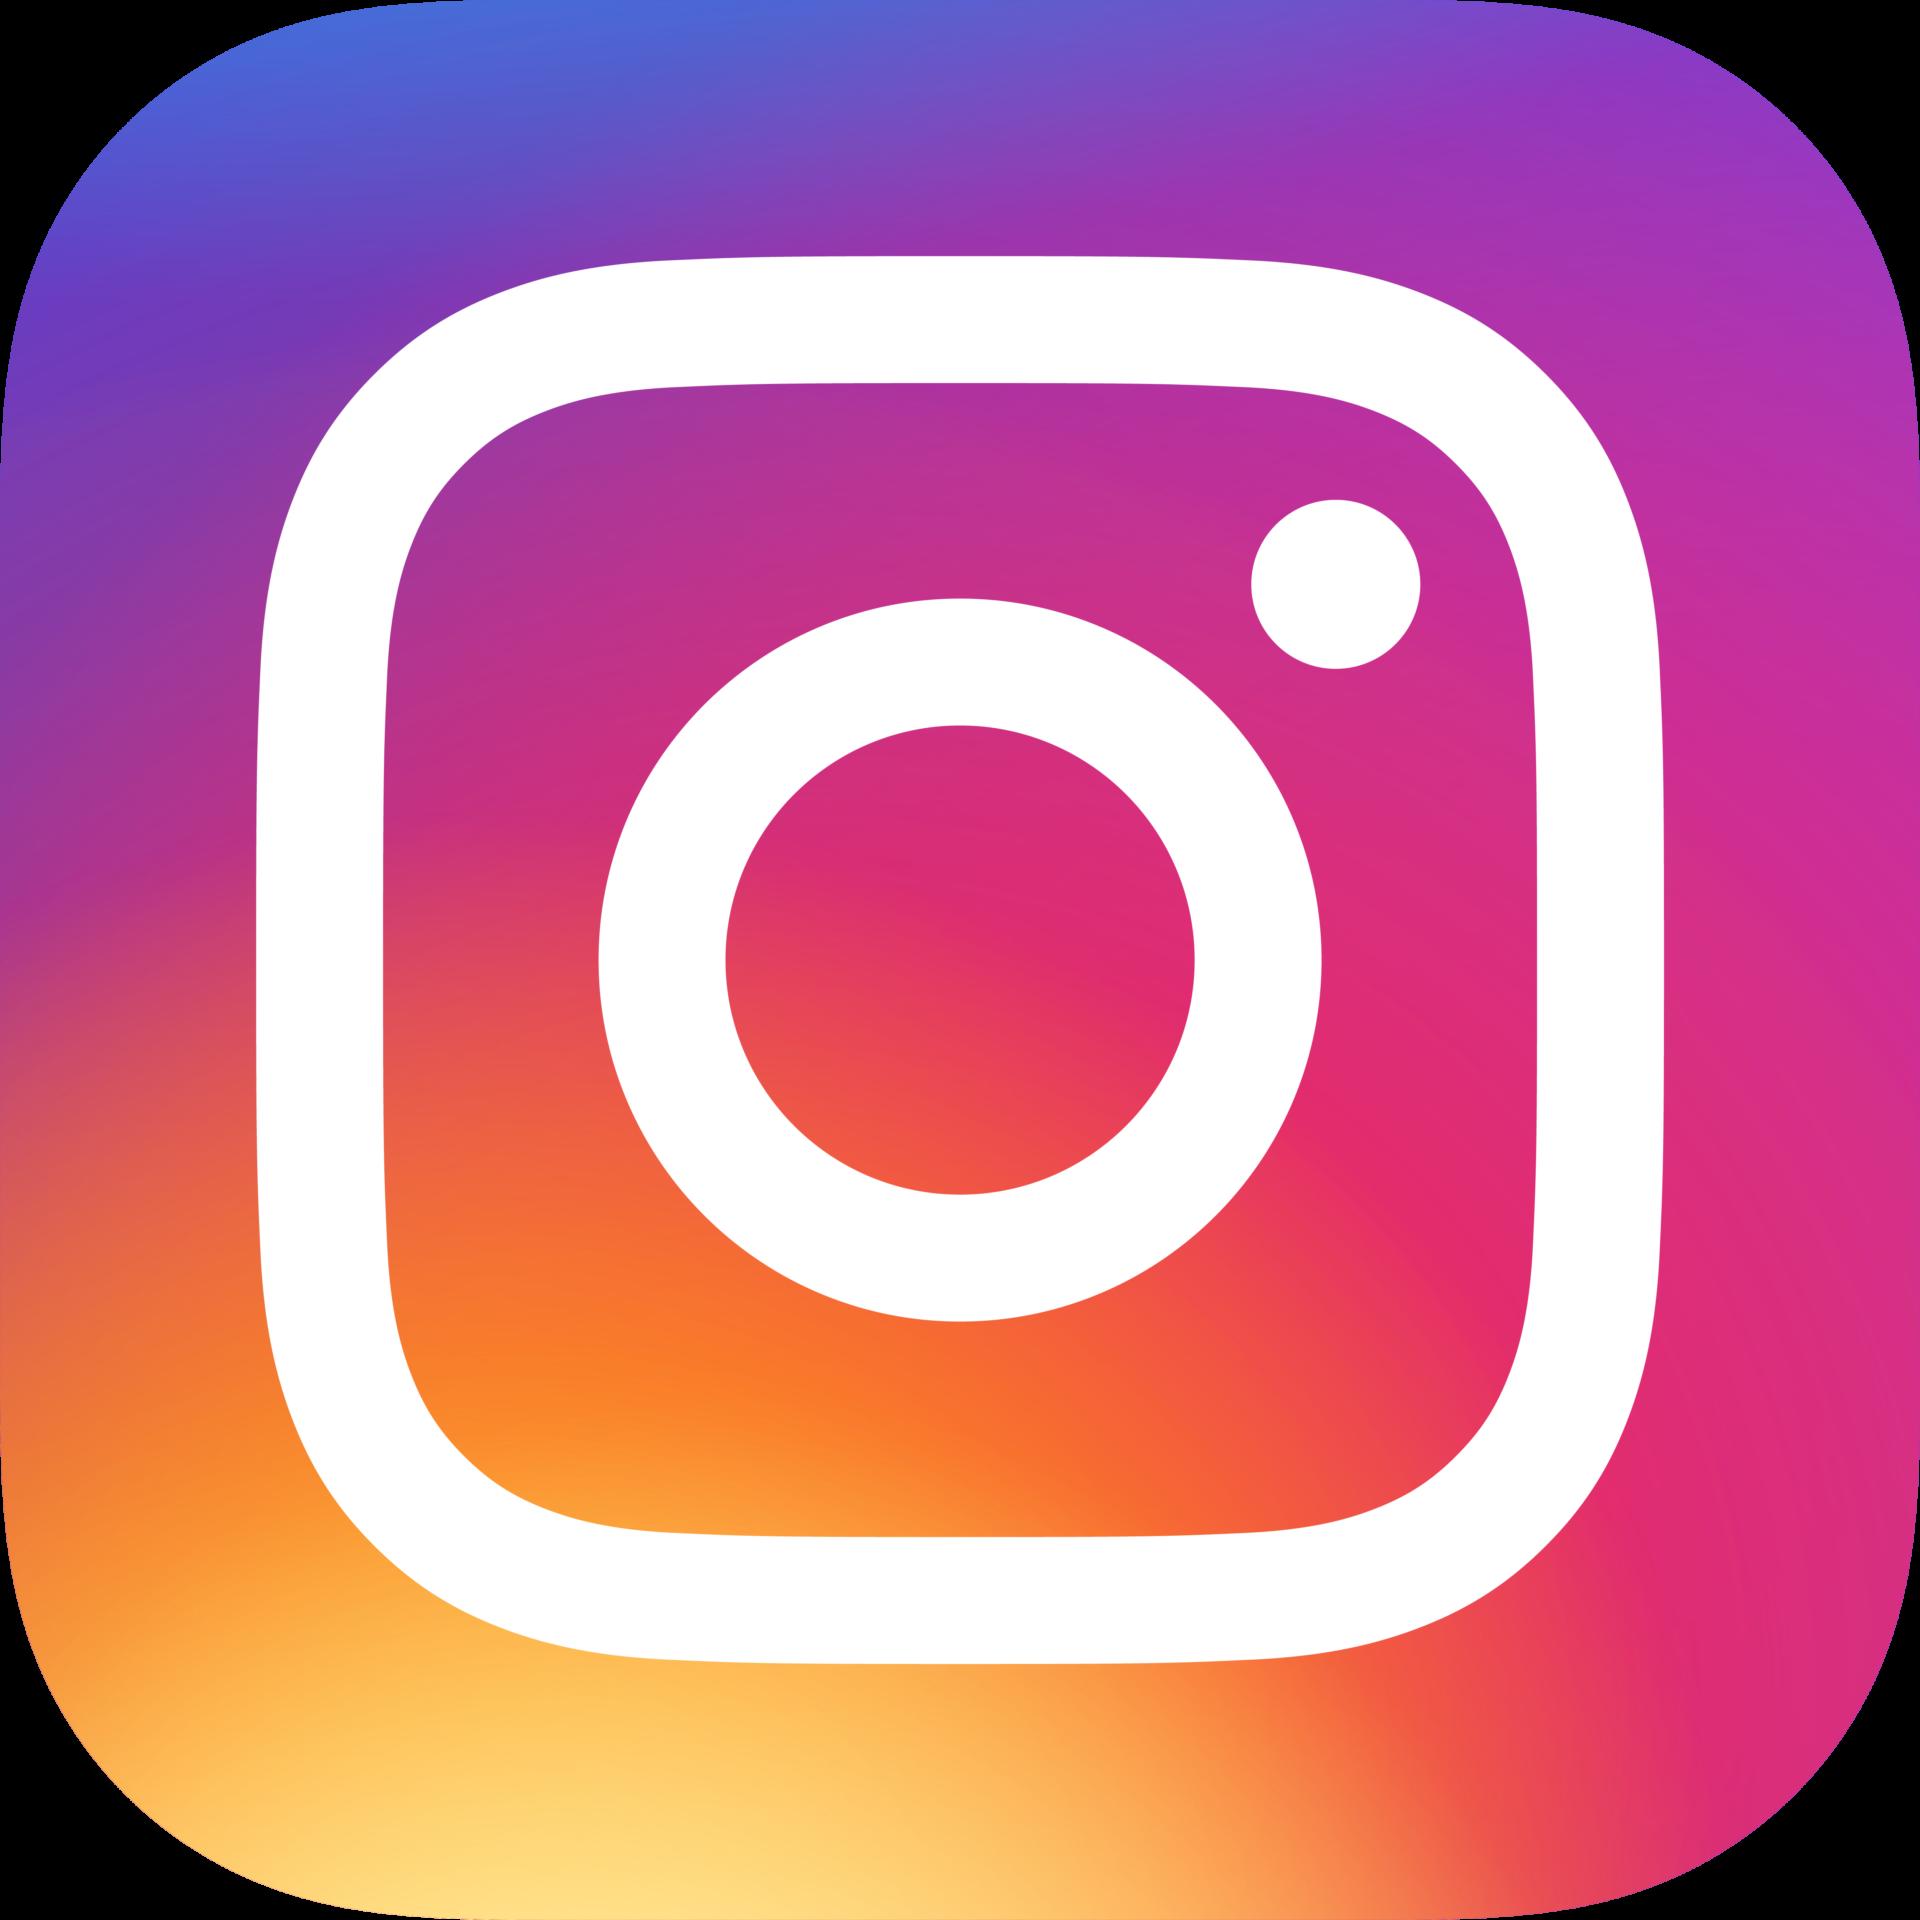 instagram_1920x1920.png